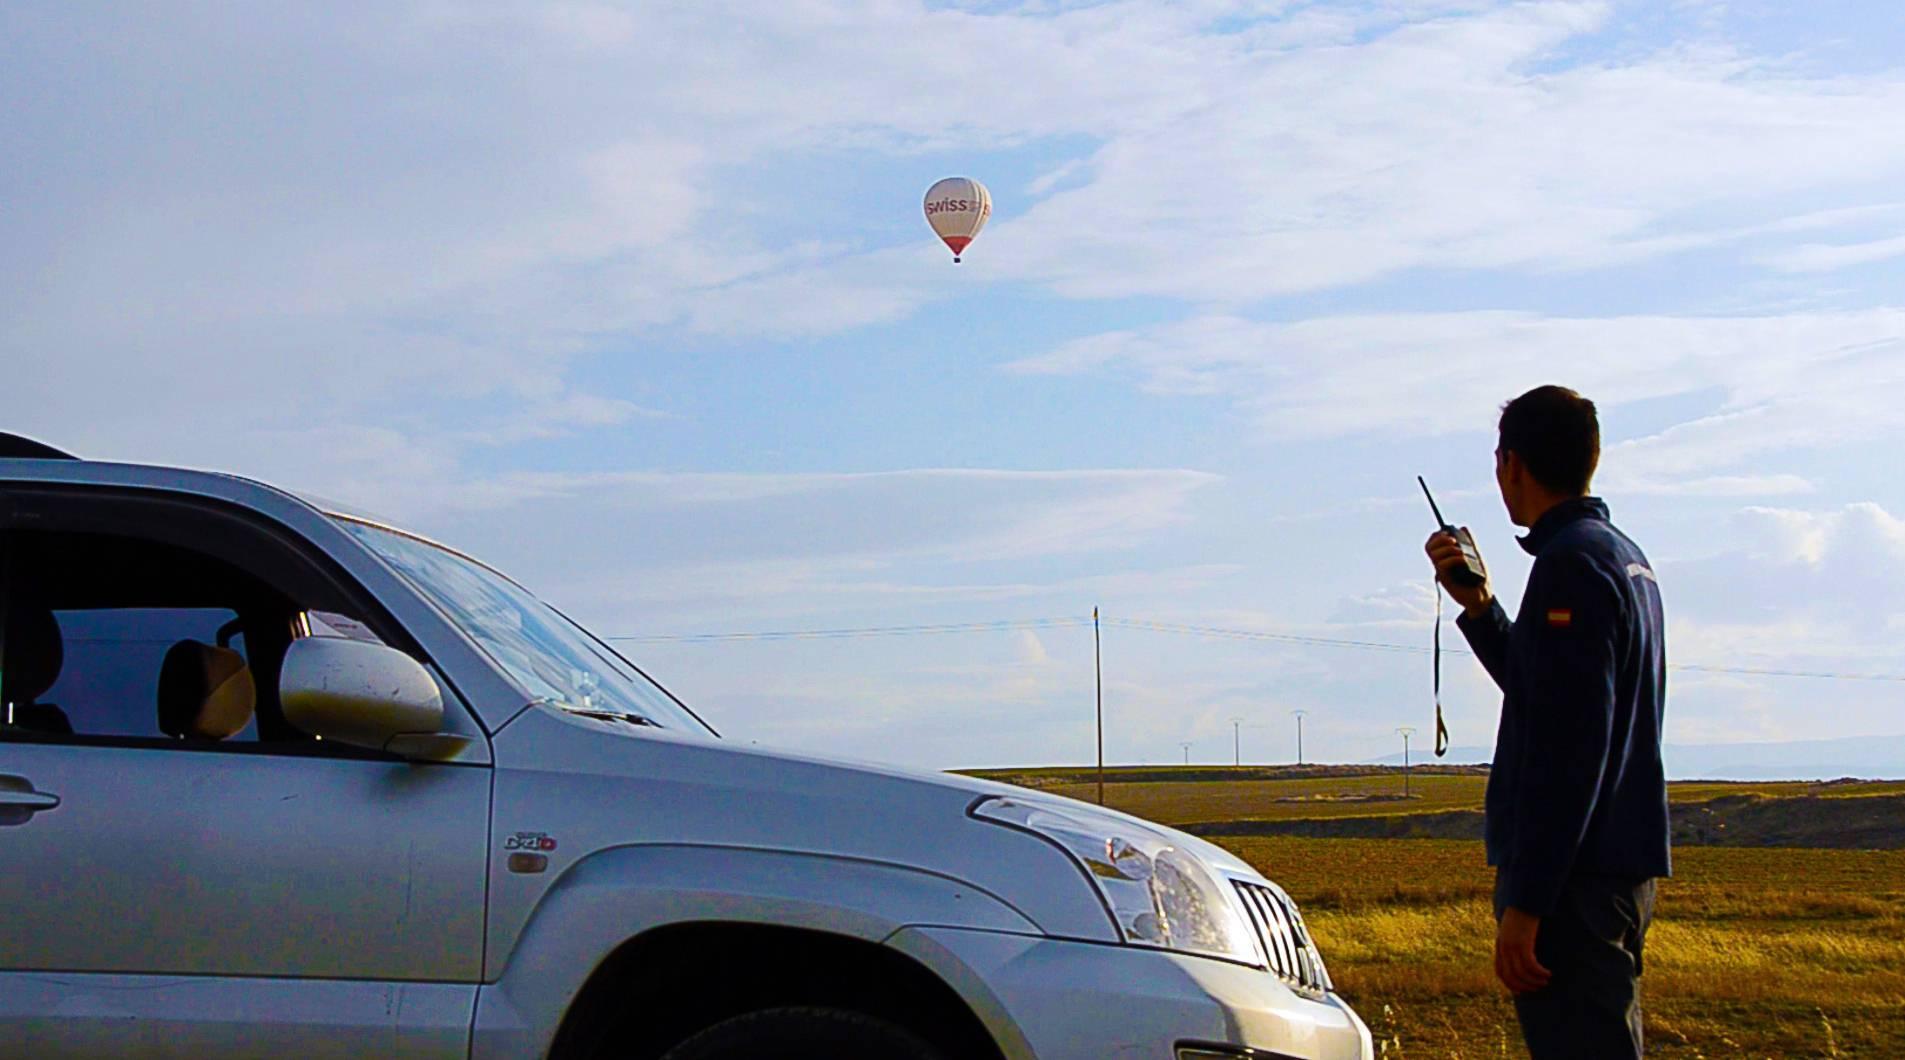 El equipo de tierra nos va siguiendo durante el vuelo. Podemos dejar todo nuestro equipaje en el coche.